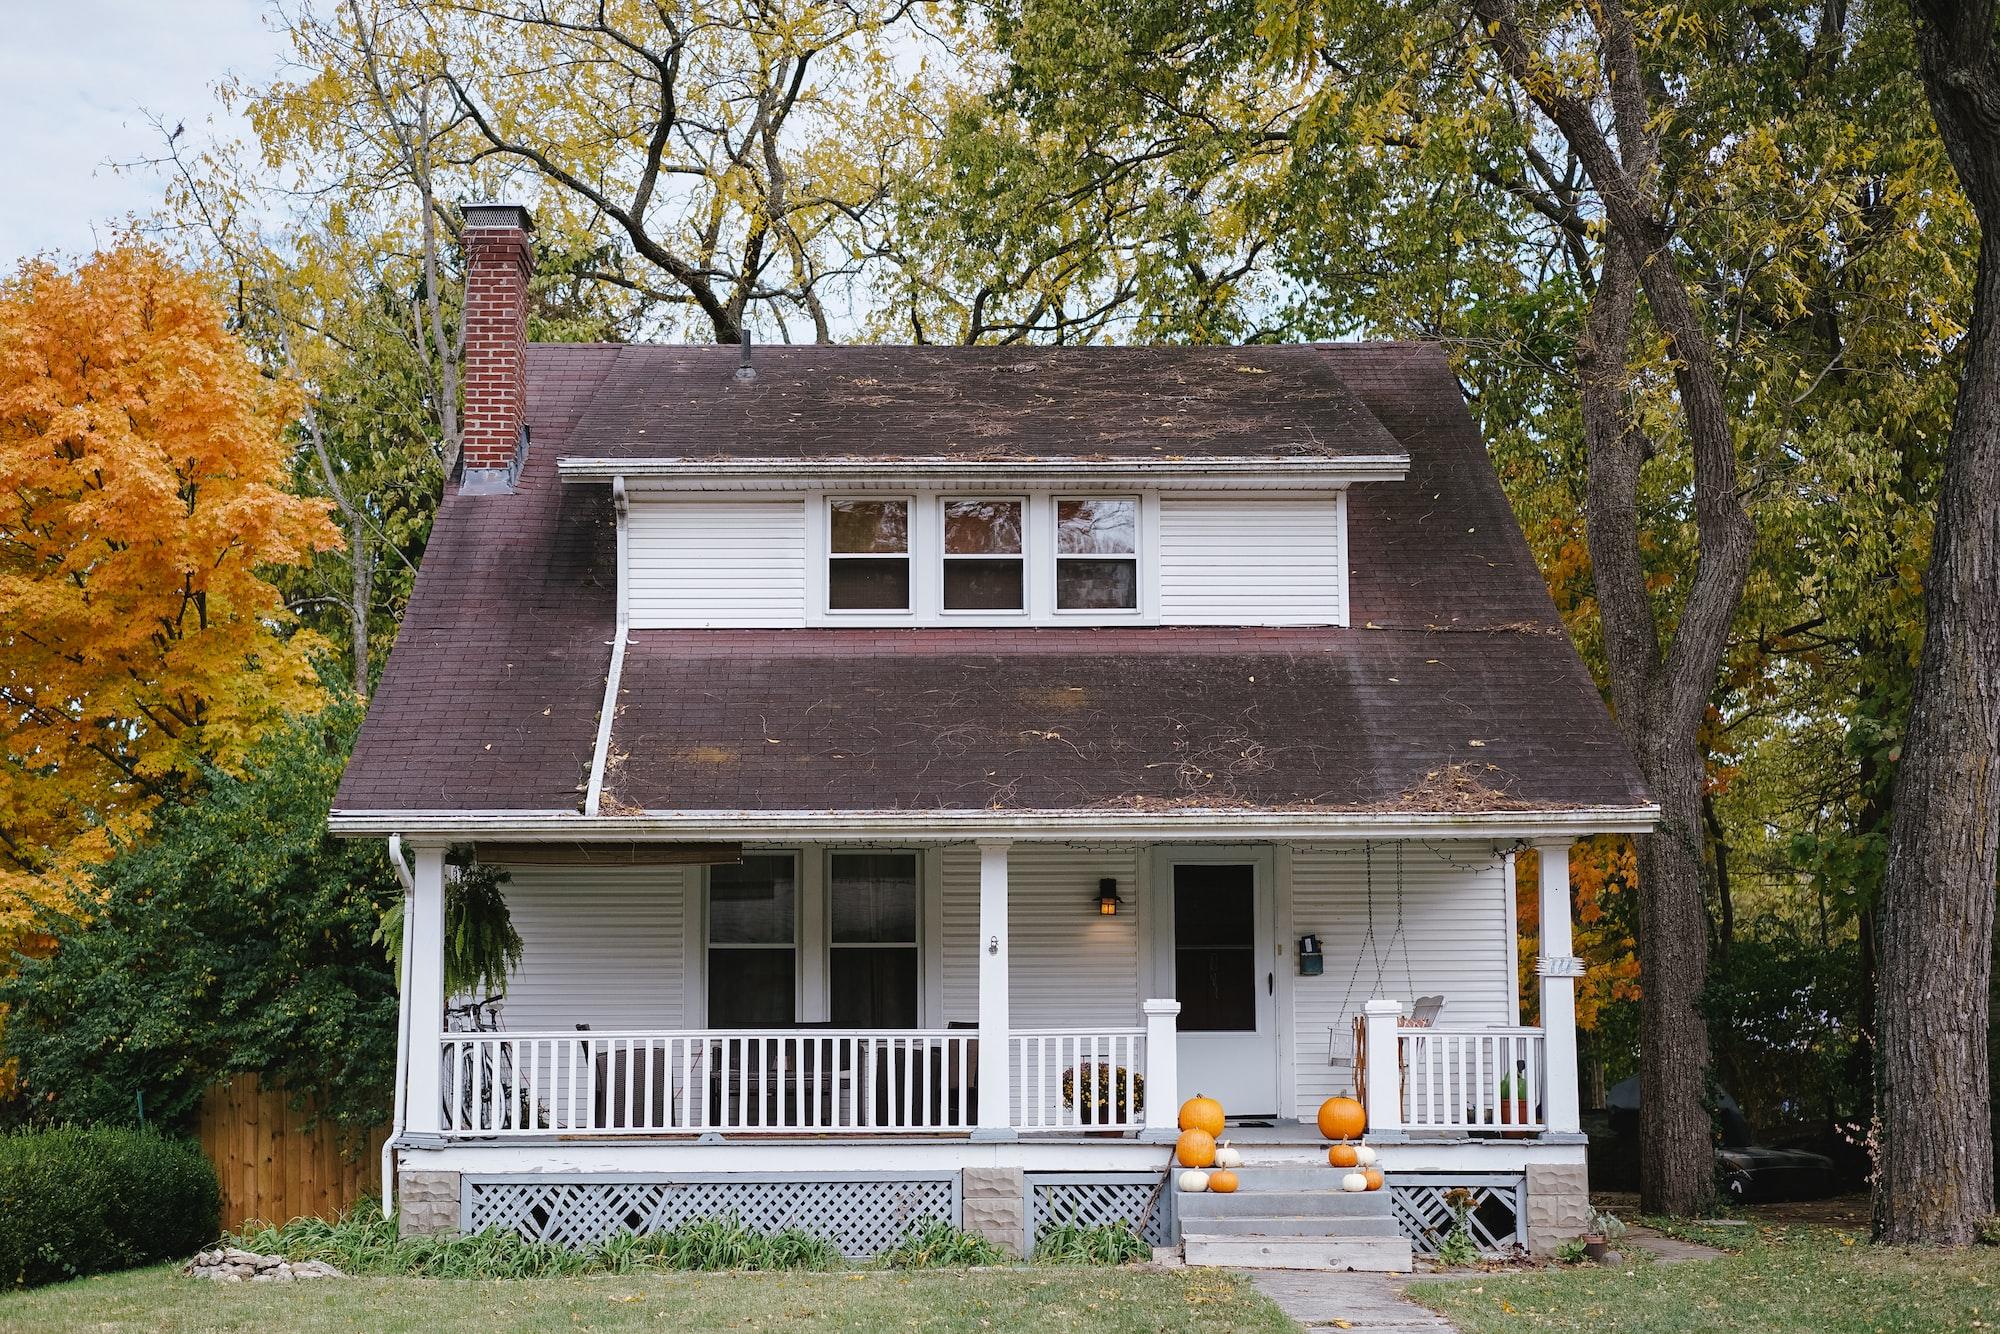 Une hausse importante de la dette hypothécaire résidentielle au Canada